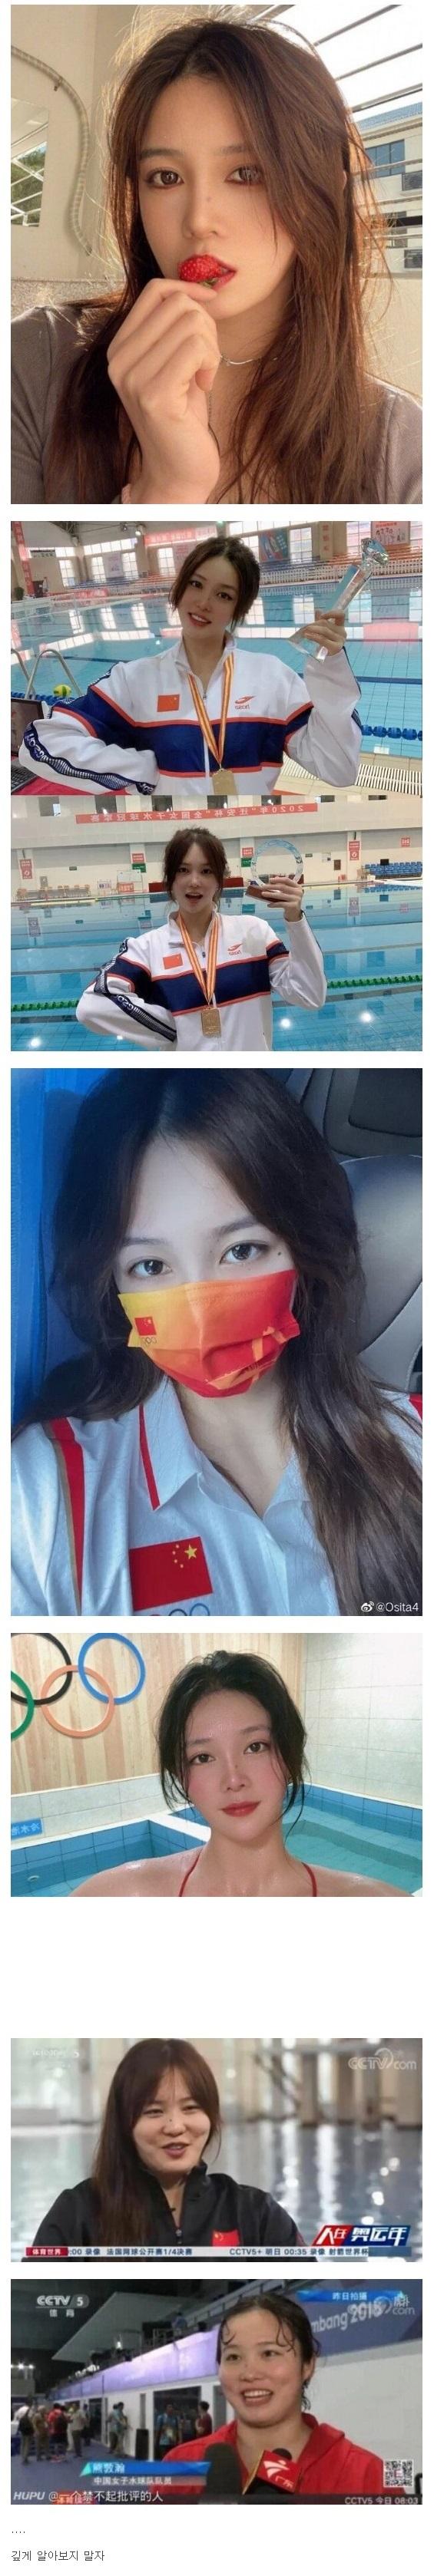 중국 수구 선수의 미모